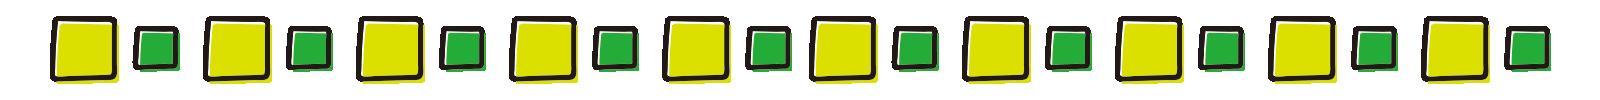 緑の四角いライン